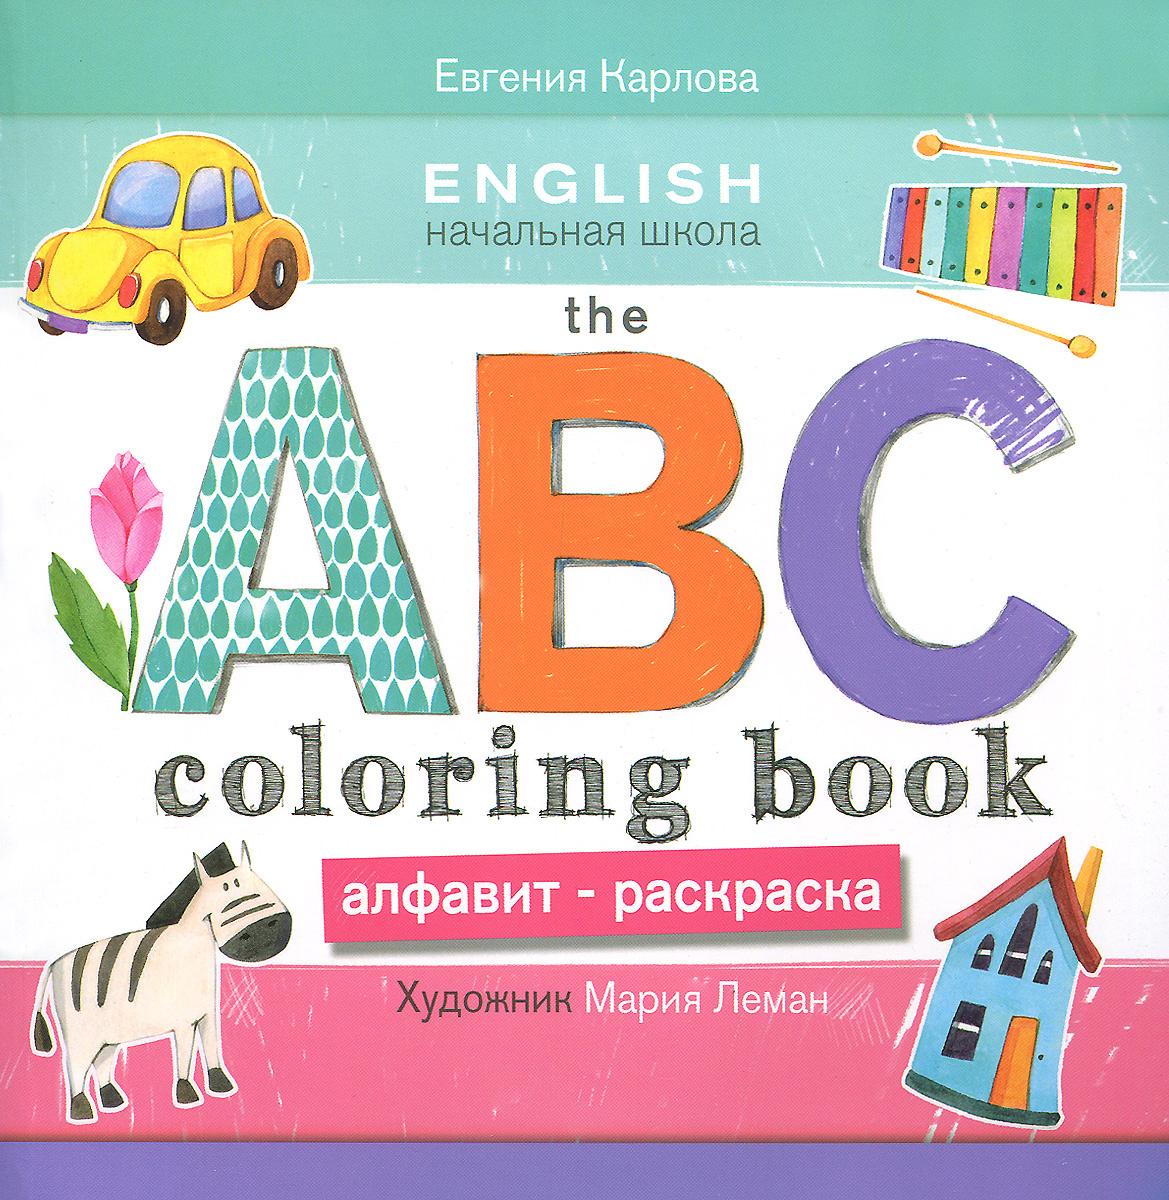 The ABC Coloring Book / Алфавит-раскраска | Карлова Евгения Леонидовна  #1